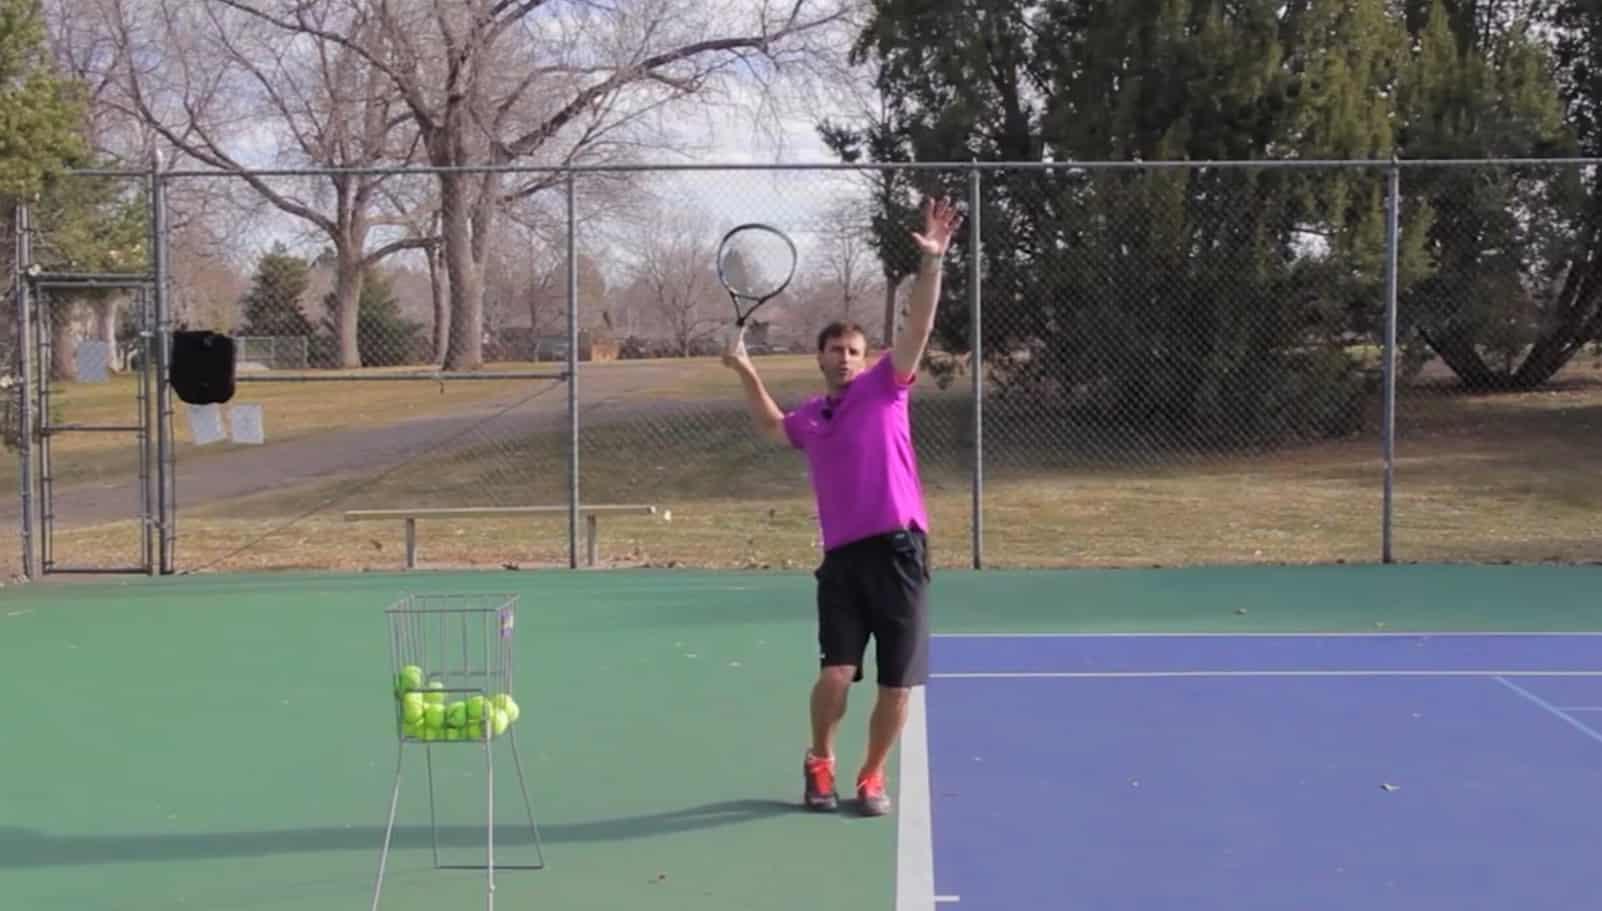 Tennis serve technique - Pinpoint Stance